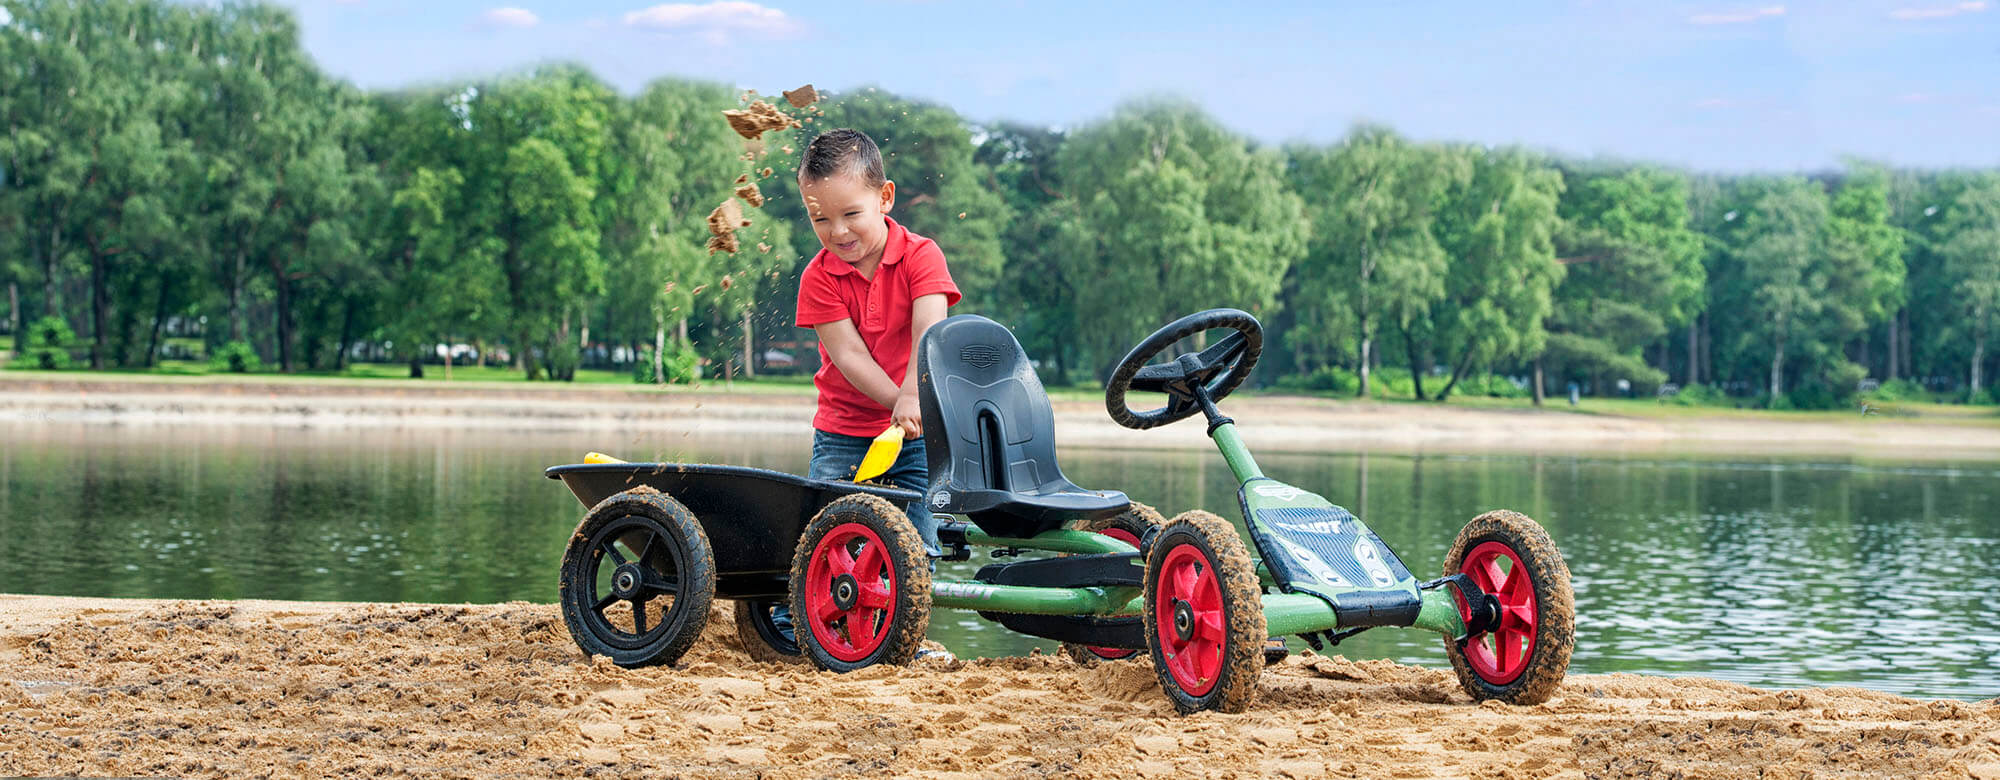 Ratgeber gokart-profi.de: Bestimmt haben Sie als Eltern schon bemerkt, wie gut Bewegung an der frischen Luft für Kinder jeden Alters ist